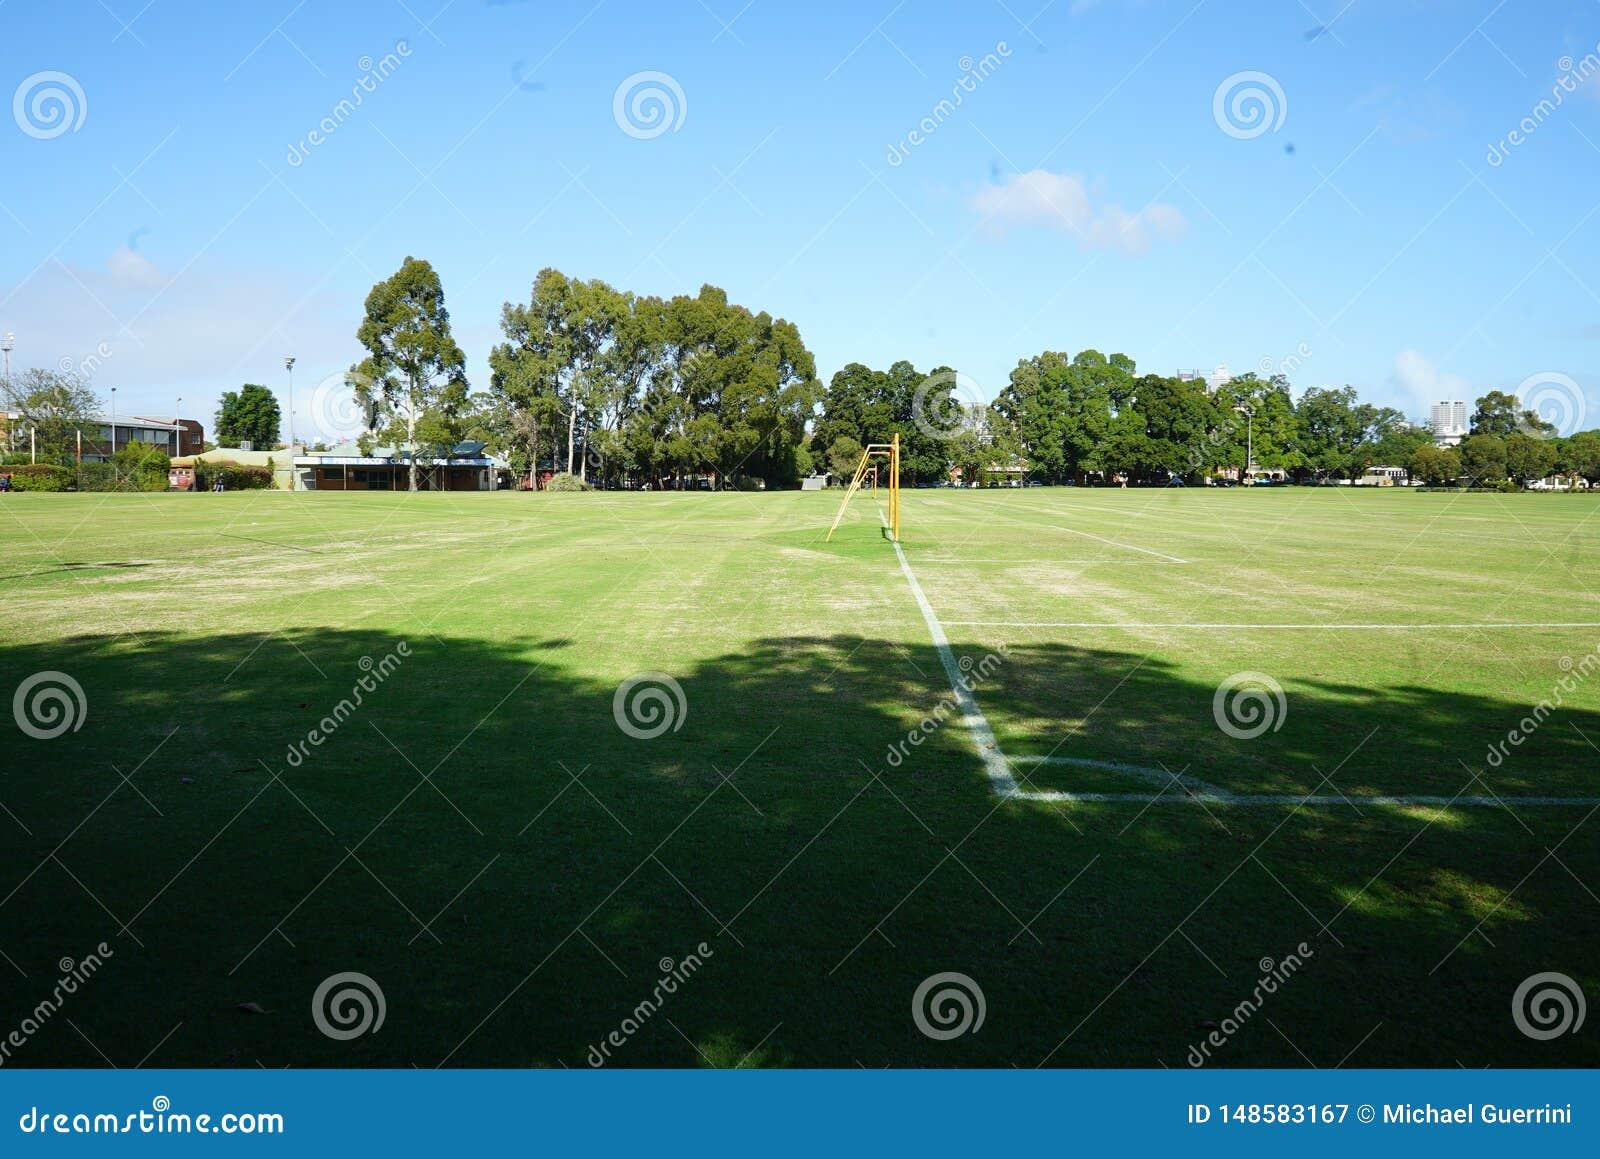 Ένα πάρκο με μια κοίλη θέση στόχου ποδοσφαίρου